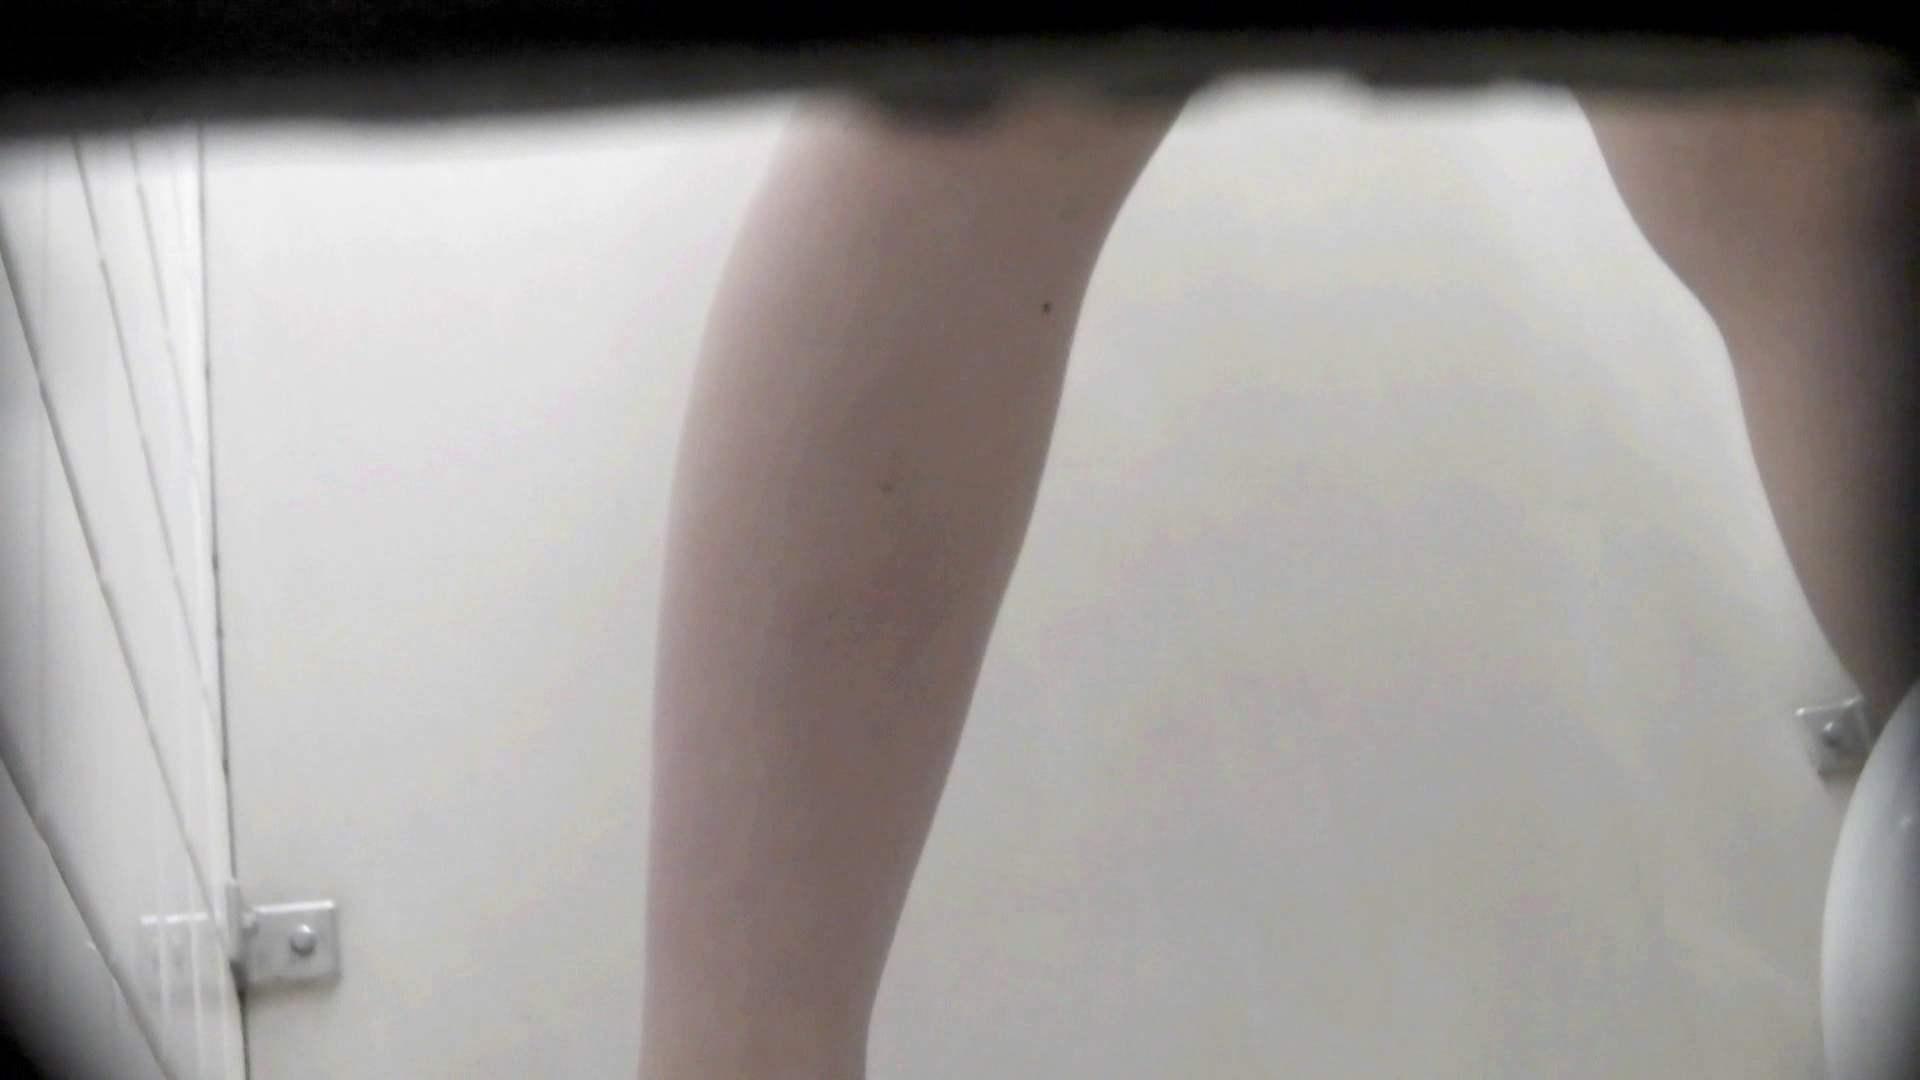 洗面所特攻隊 vol.74 last 2総勢16名激撮【2015・29位】 洗面所 | OLのボディ  85PIX 79